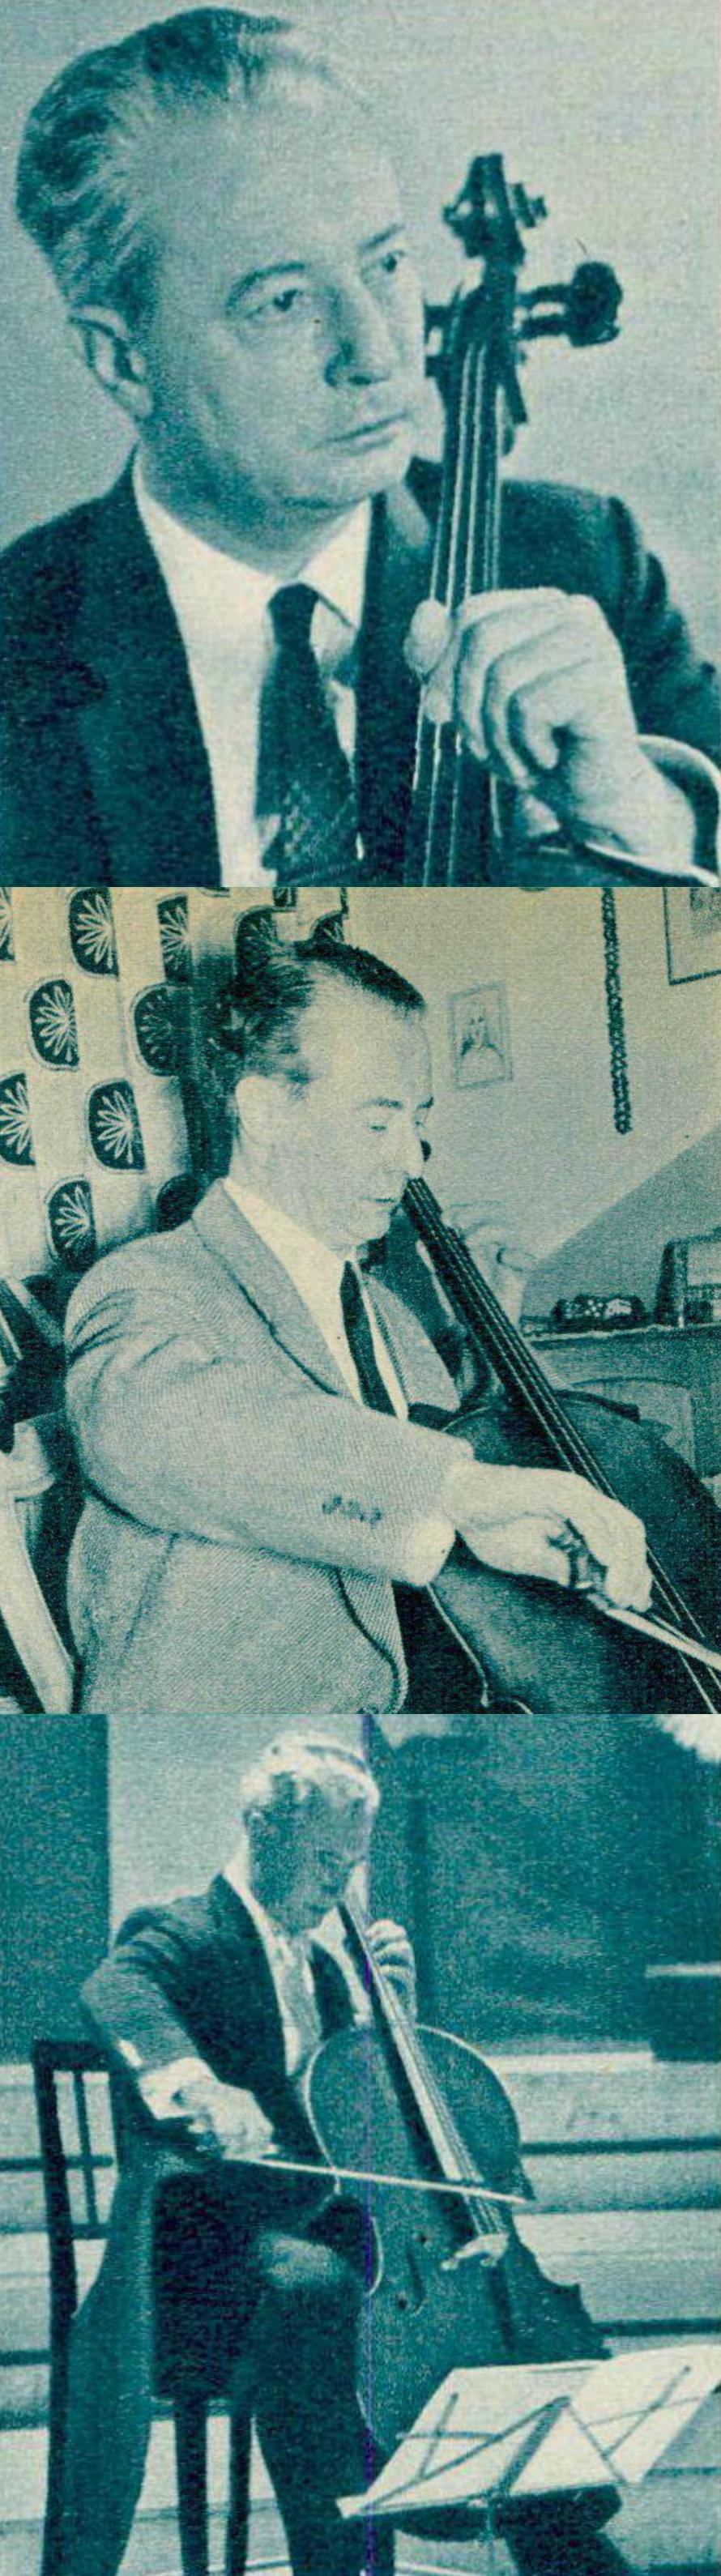 Pierre FOURNIER, portraits publiés dans divers cahiers de la revue Radio Je vois tout Télévision entre 1958 et 1964, Cliquer sur la photo pour une vue agrandie et quelques infos